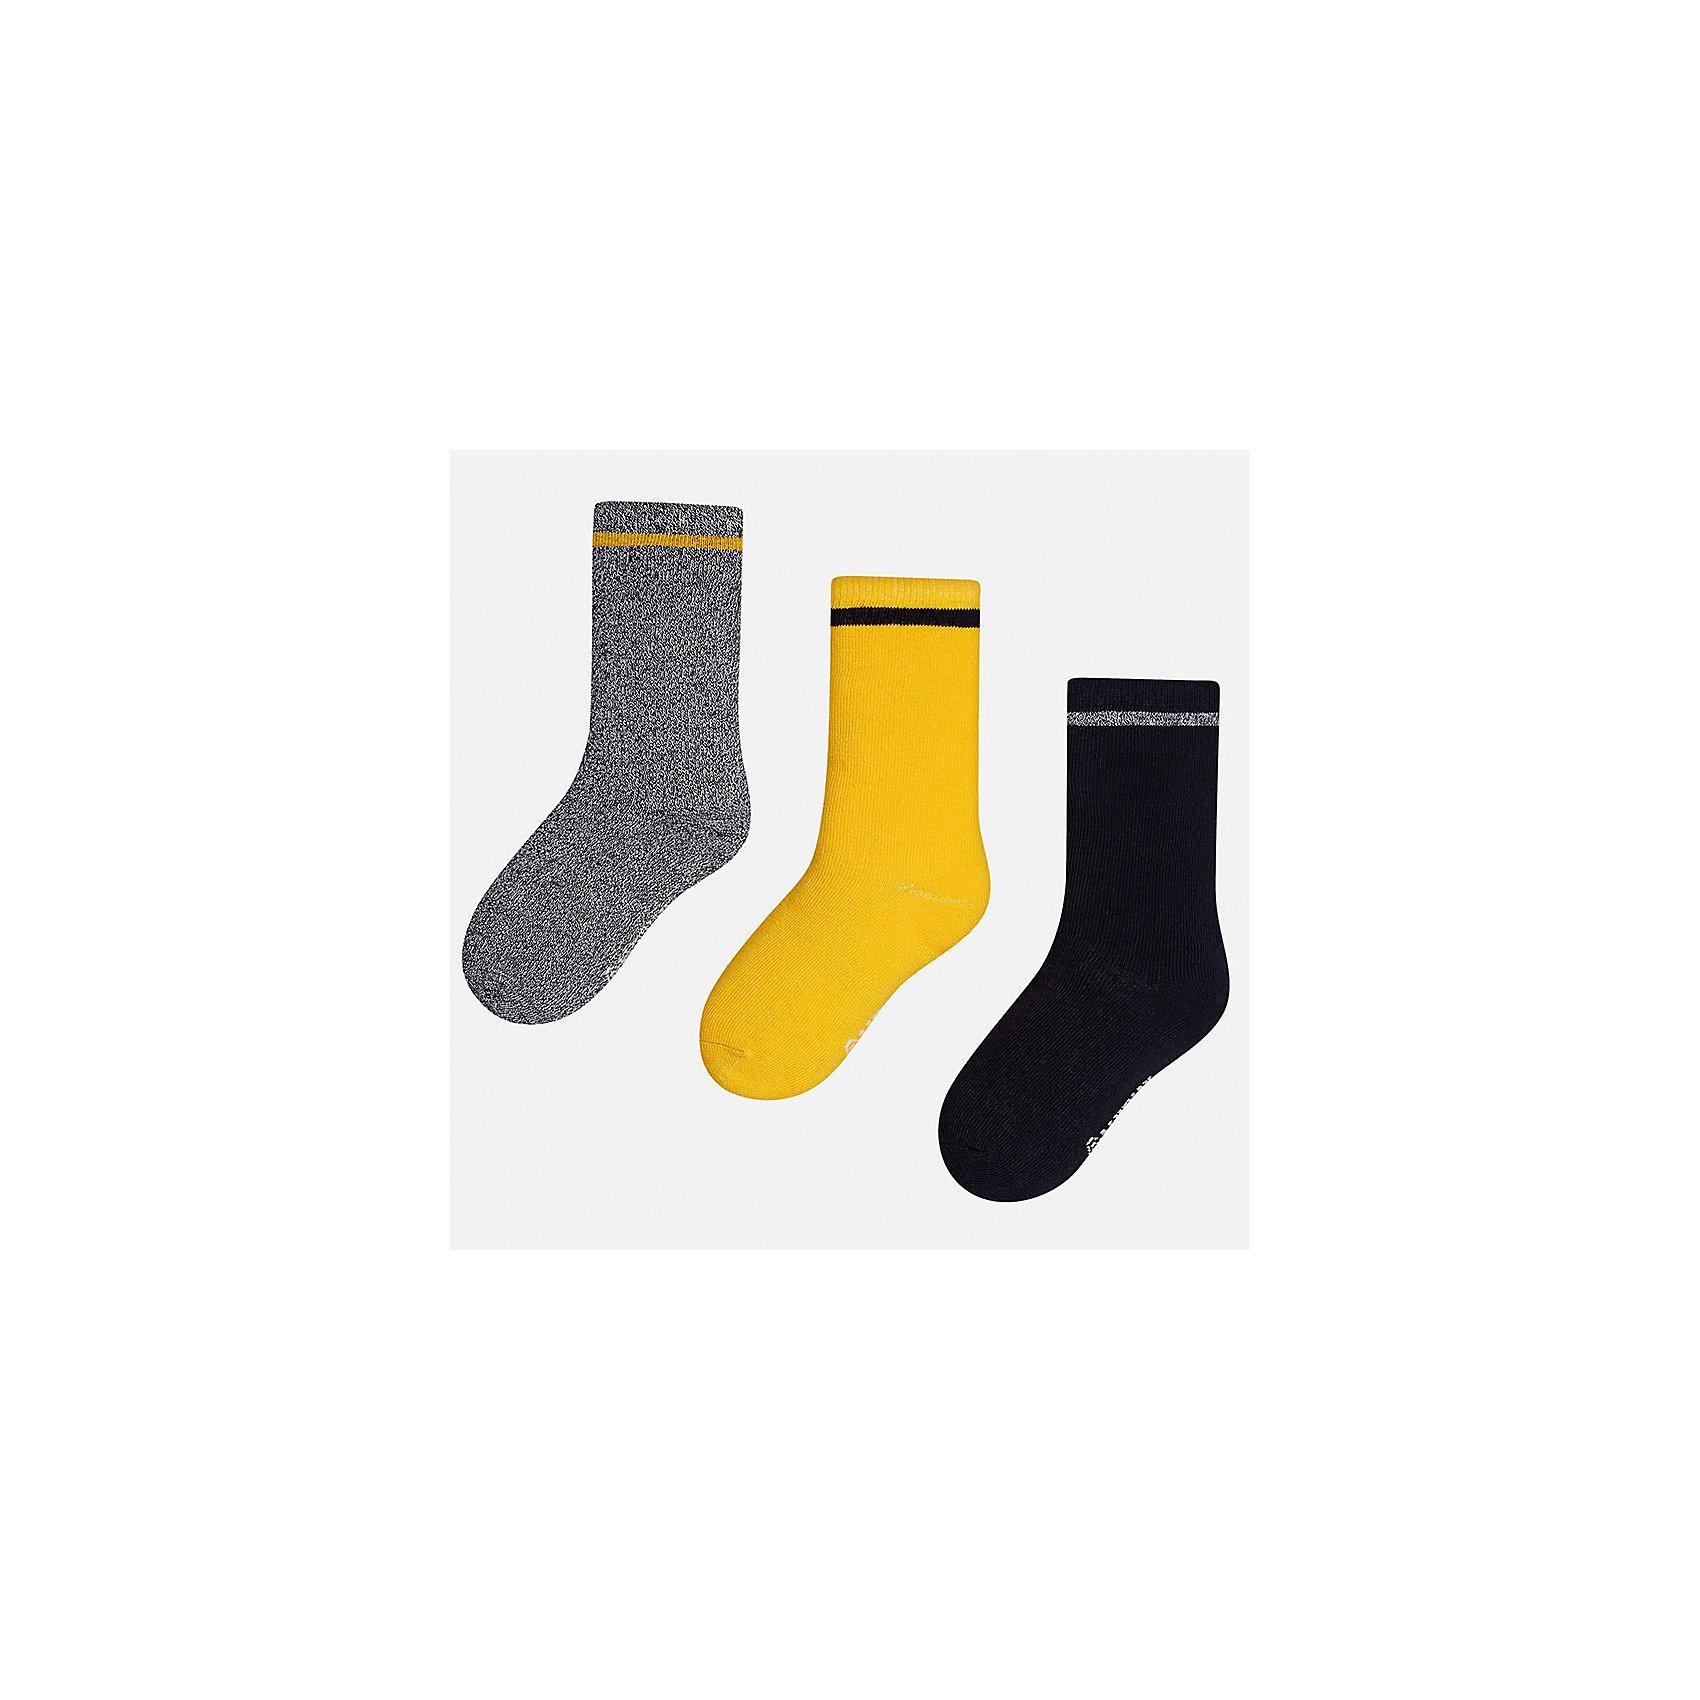 Носки (3 пары) для мальчика MayoralНоски<br>Характеристики товара:<br><br>• цвет: серый/желтый/черный<br>• состав ткани: 76% хлопок, 21% полиамид, 2% эластан, 1% полиэстер<br>• сезон: круглый год<br>• комплектация: 3 пары<br>• страна бренда: Испания<br>• страна изготовитель: Индия<br><br>Удобные детские носки Mayoral обеспечат ребенку комфорт и аккуратный внешний вид. Эти детские носки, как и вся одежда от испанской компании Mayoral отличаются оригинальным и стильным дизайном. Комплект носков для мальчика от Майорал симпатично смотрится, они удобно сидят благодаря качественному дышащему трикотажу. <br><br>Носки (3 пары) для мальчика Mayoral (Майорал) можно купить в нашем интернет-магазине.<br><br>Ширина мм: 87<br>Глубина мм: 10<br>Высота мм: 105<br>Вес г: 115<br>Цвет: разноцветный<br>Возраст от месяцев: 168<br>Возраст до месяцев: 180<br>Пол: Мужской<br>Возраст: Детский<br>Размер: 41/42,33-35,35/36,36/37,37/38,38/39<br>SKU: 6939348